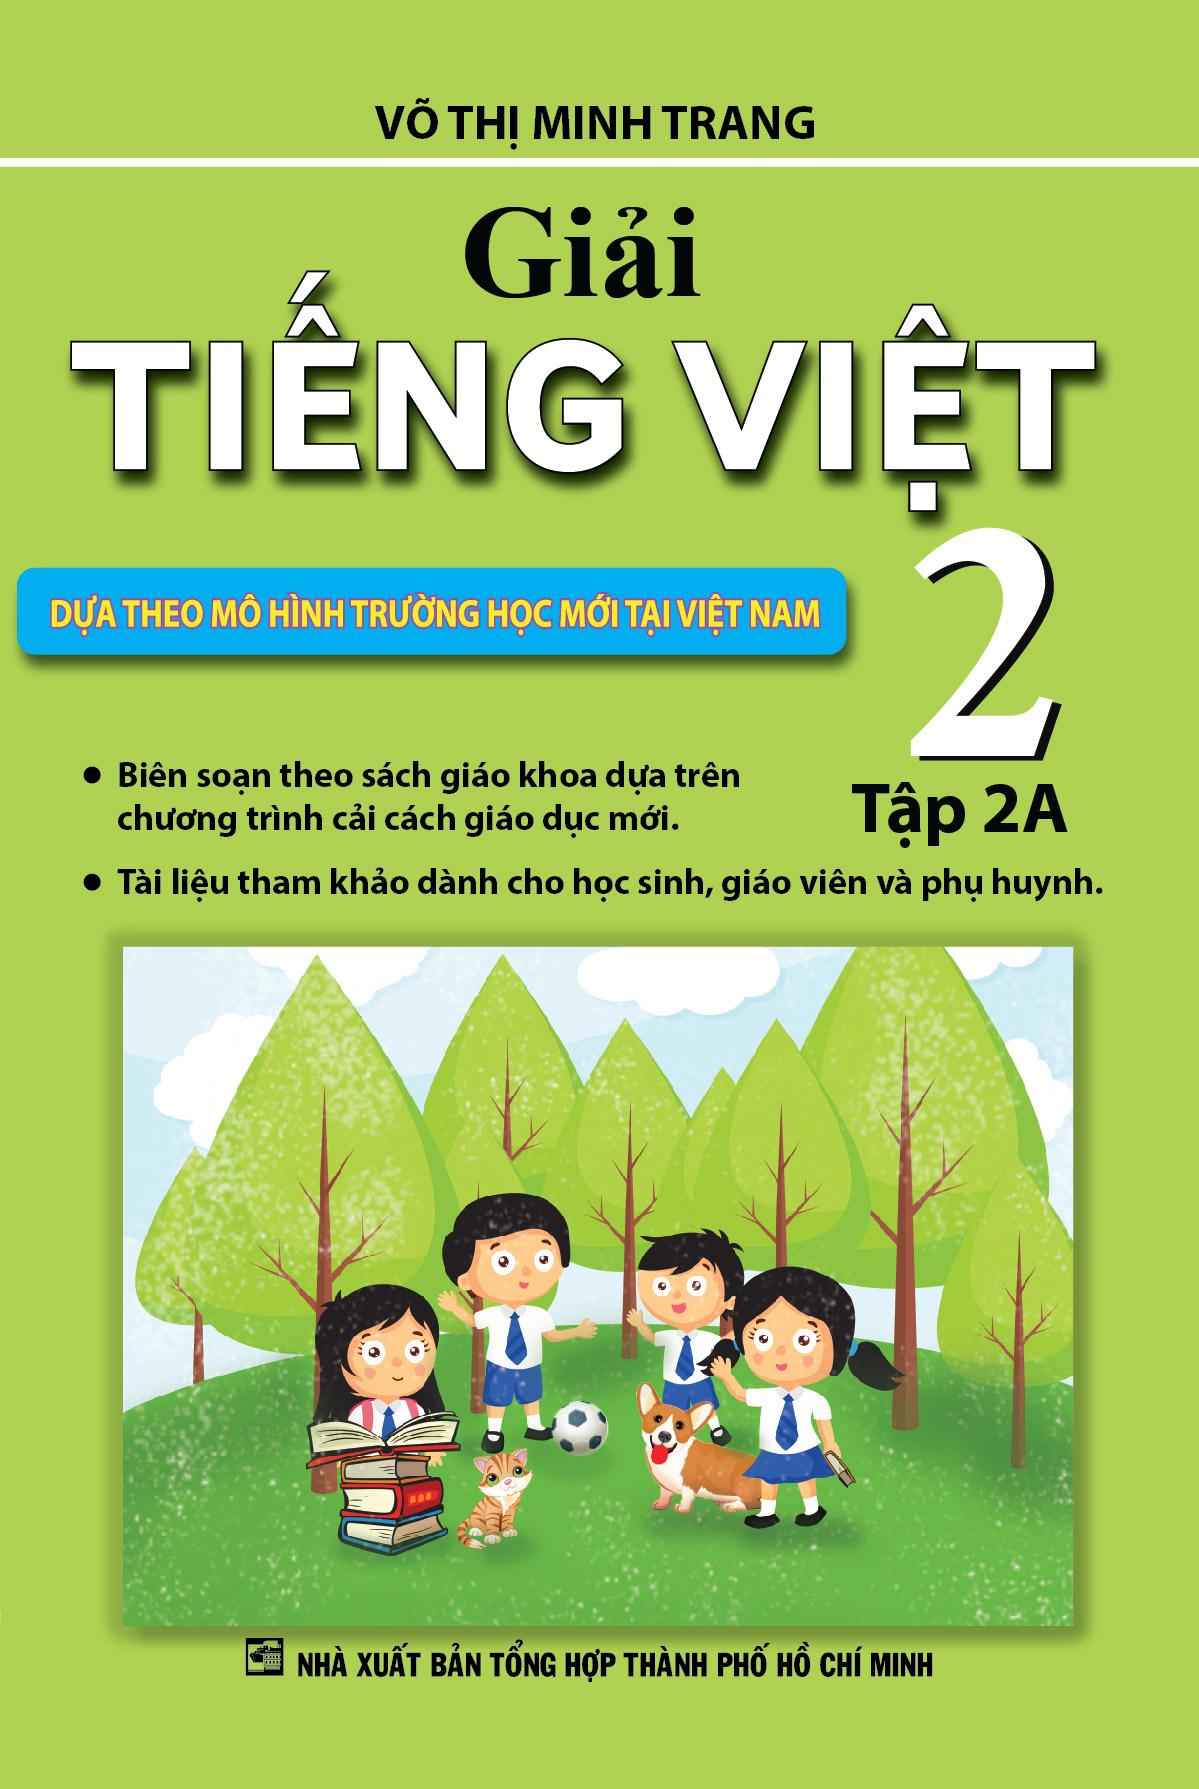 Giải Tiếng Việt 2 Tập 2A - EBOOK/PDF/PRC/EPUB